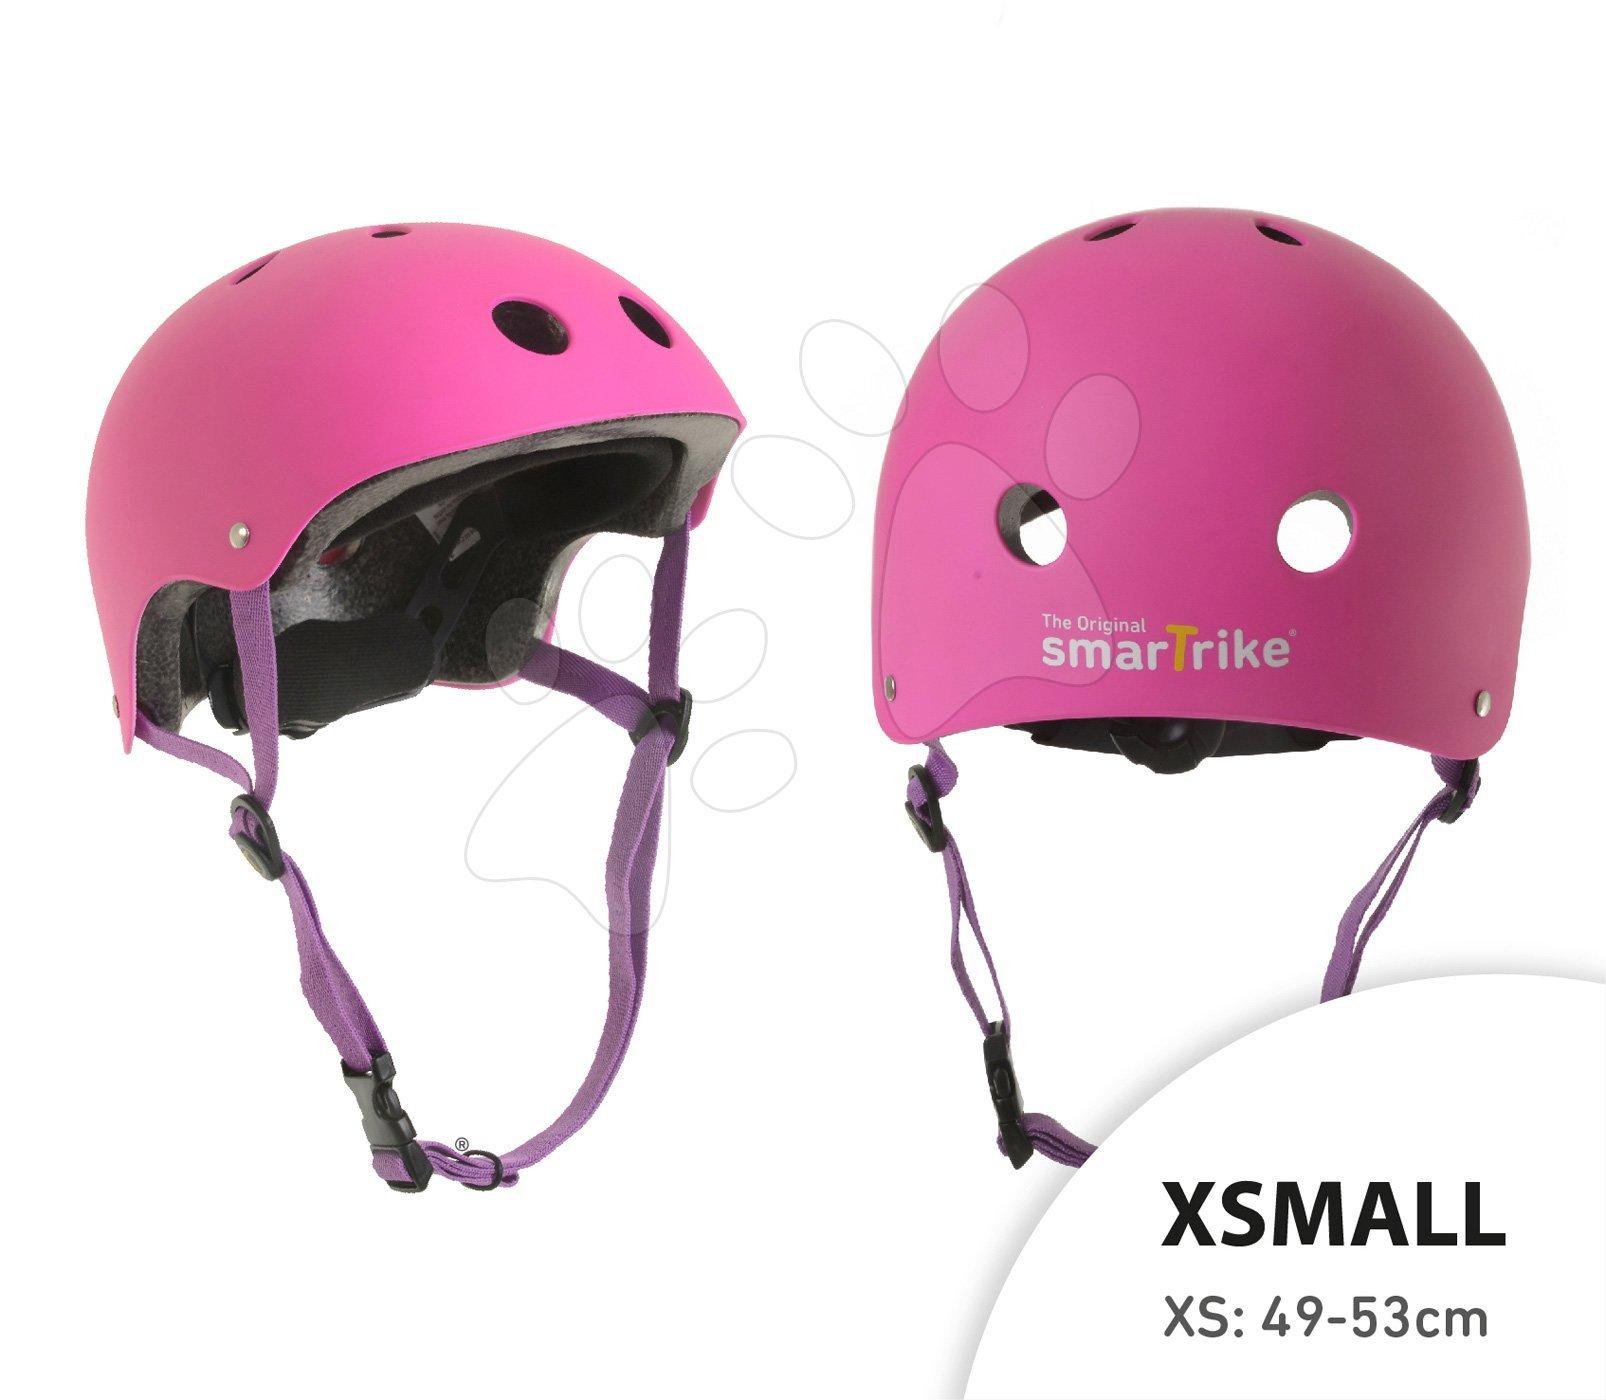 Prilba Pink smarTrike XS nastaviteľná veľkosť 49-53 cm s 11 vetračkami ružová